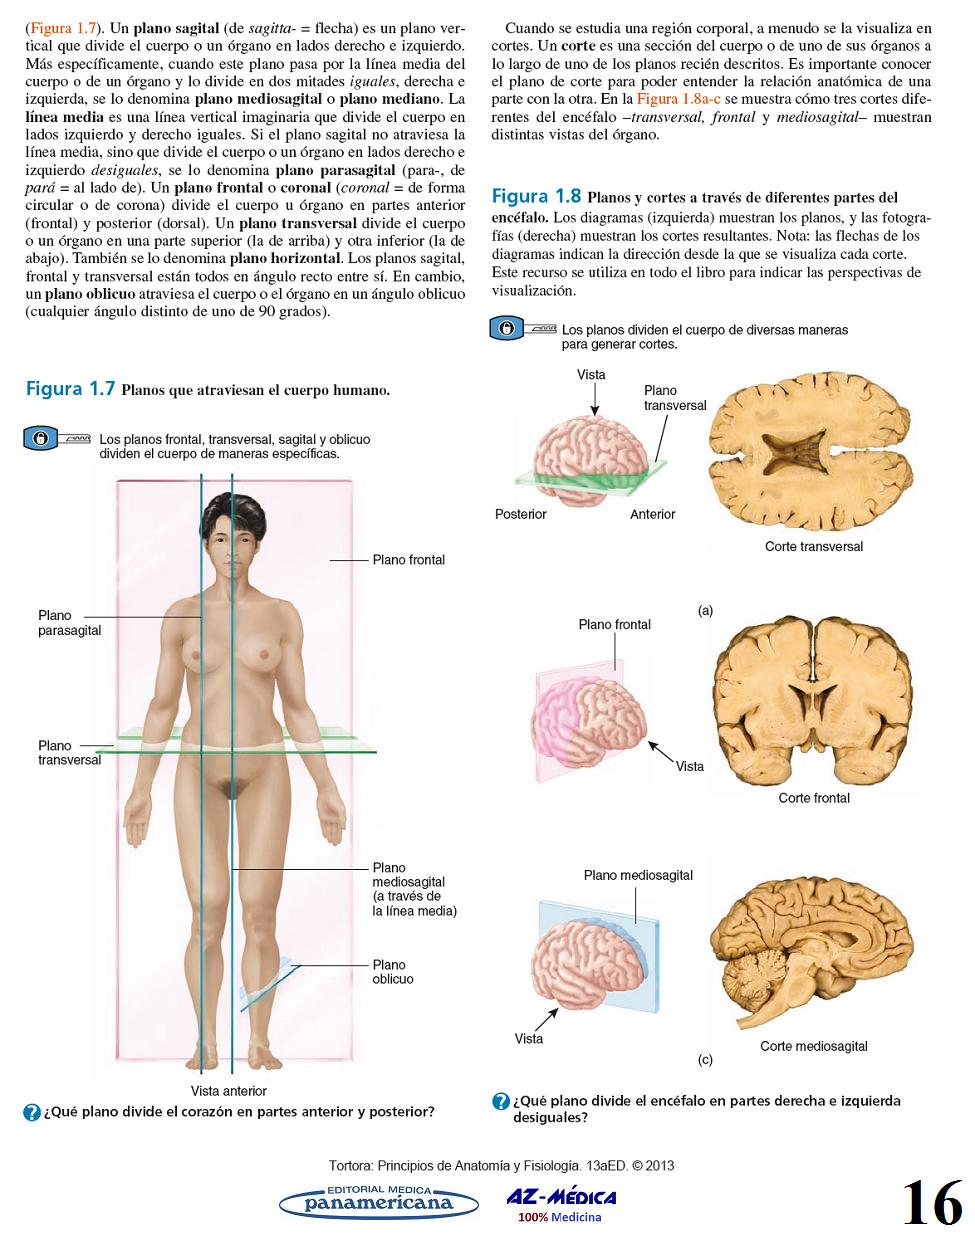 Encantador Anatomía Y Fisiología Colorante Figura Libro De Trabajo ...